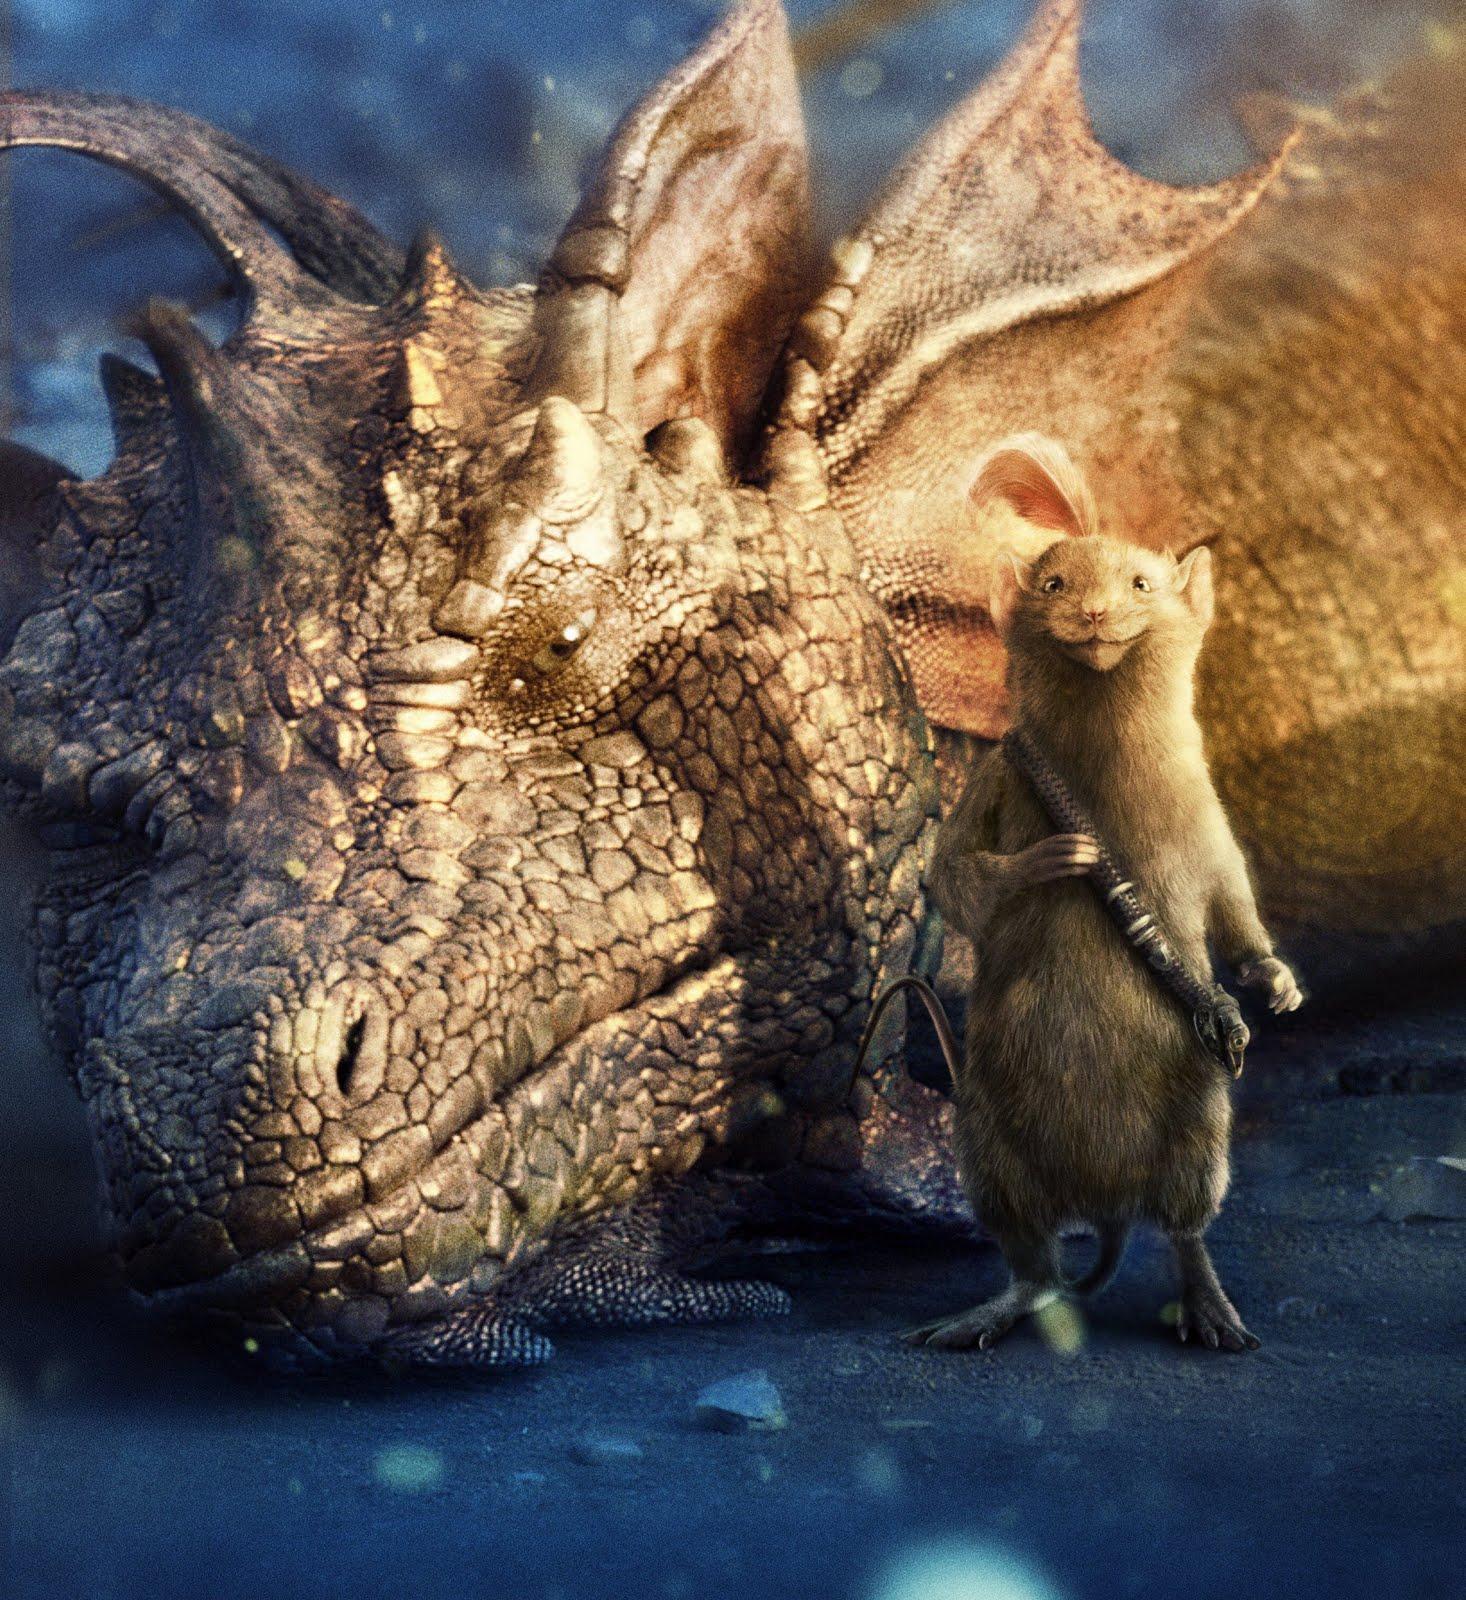 http://4.bp.blogspot.com/_Zqgxl-HVmOw/TOqHpRT2eoI/AAAAAAAABdw/JsrUxmO2AtM/s1600/Dragon-and-Reepicheep.jpg